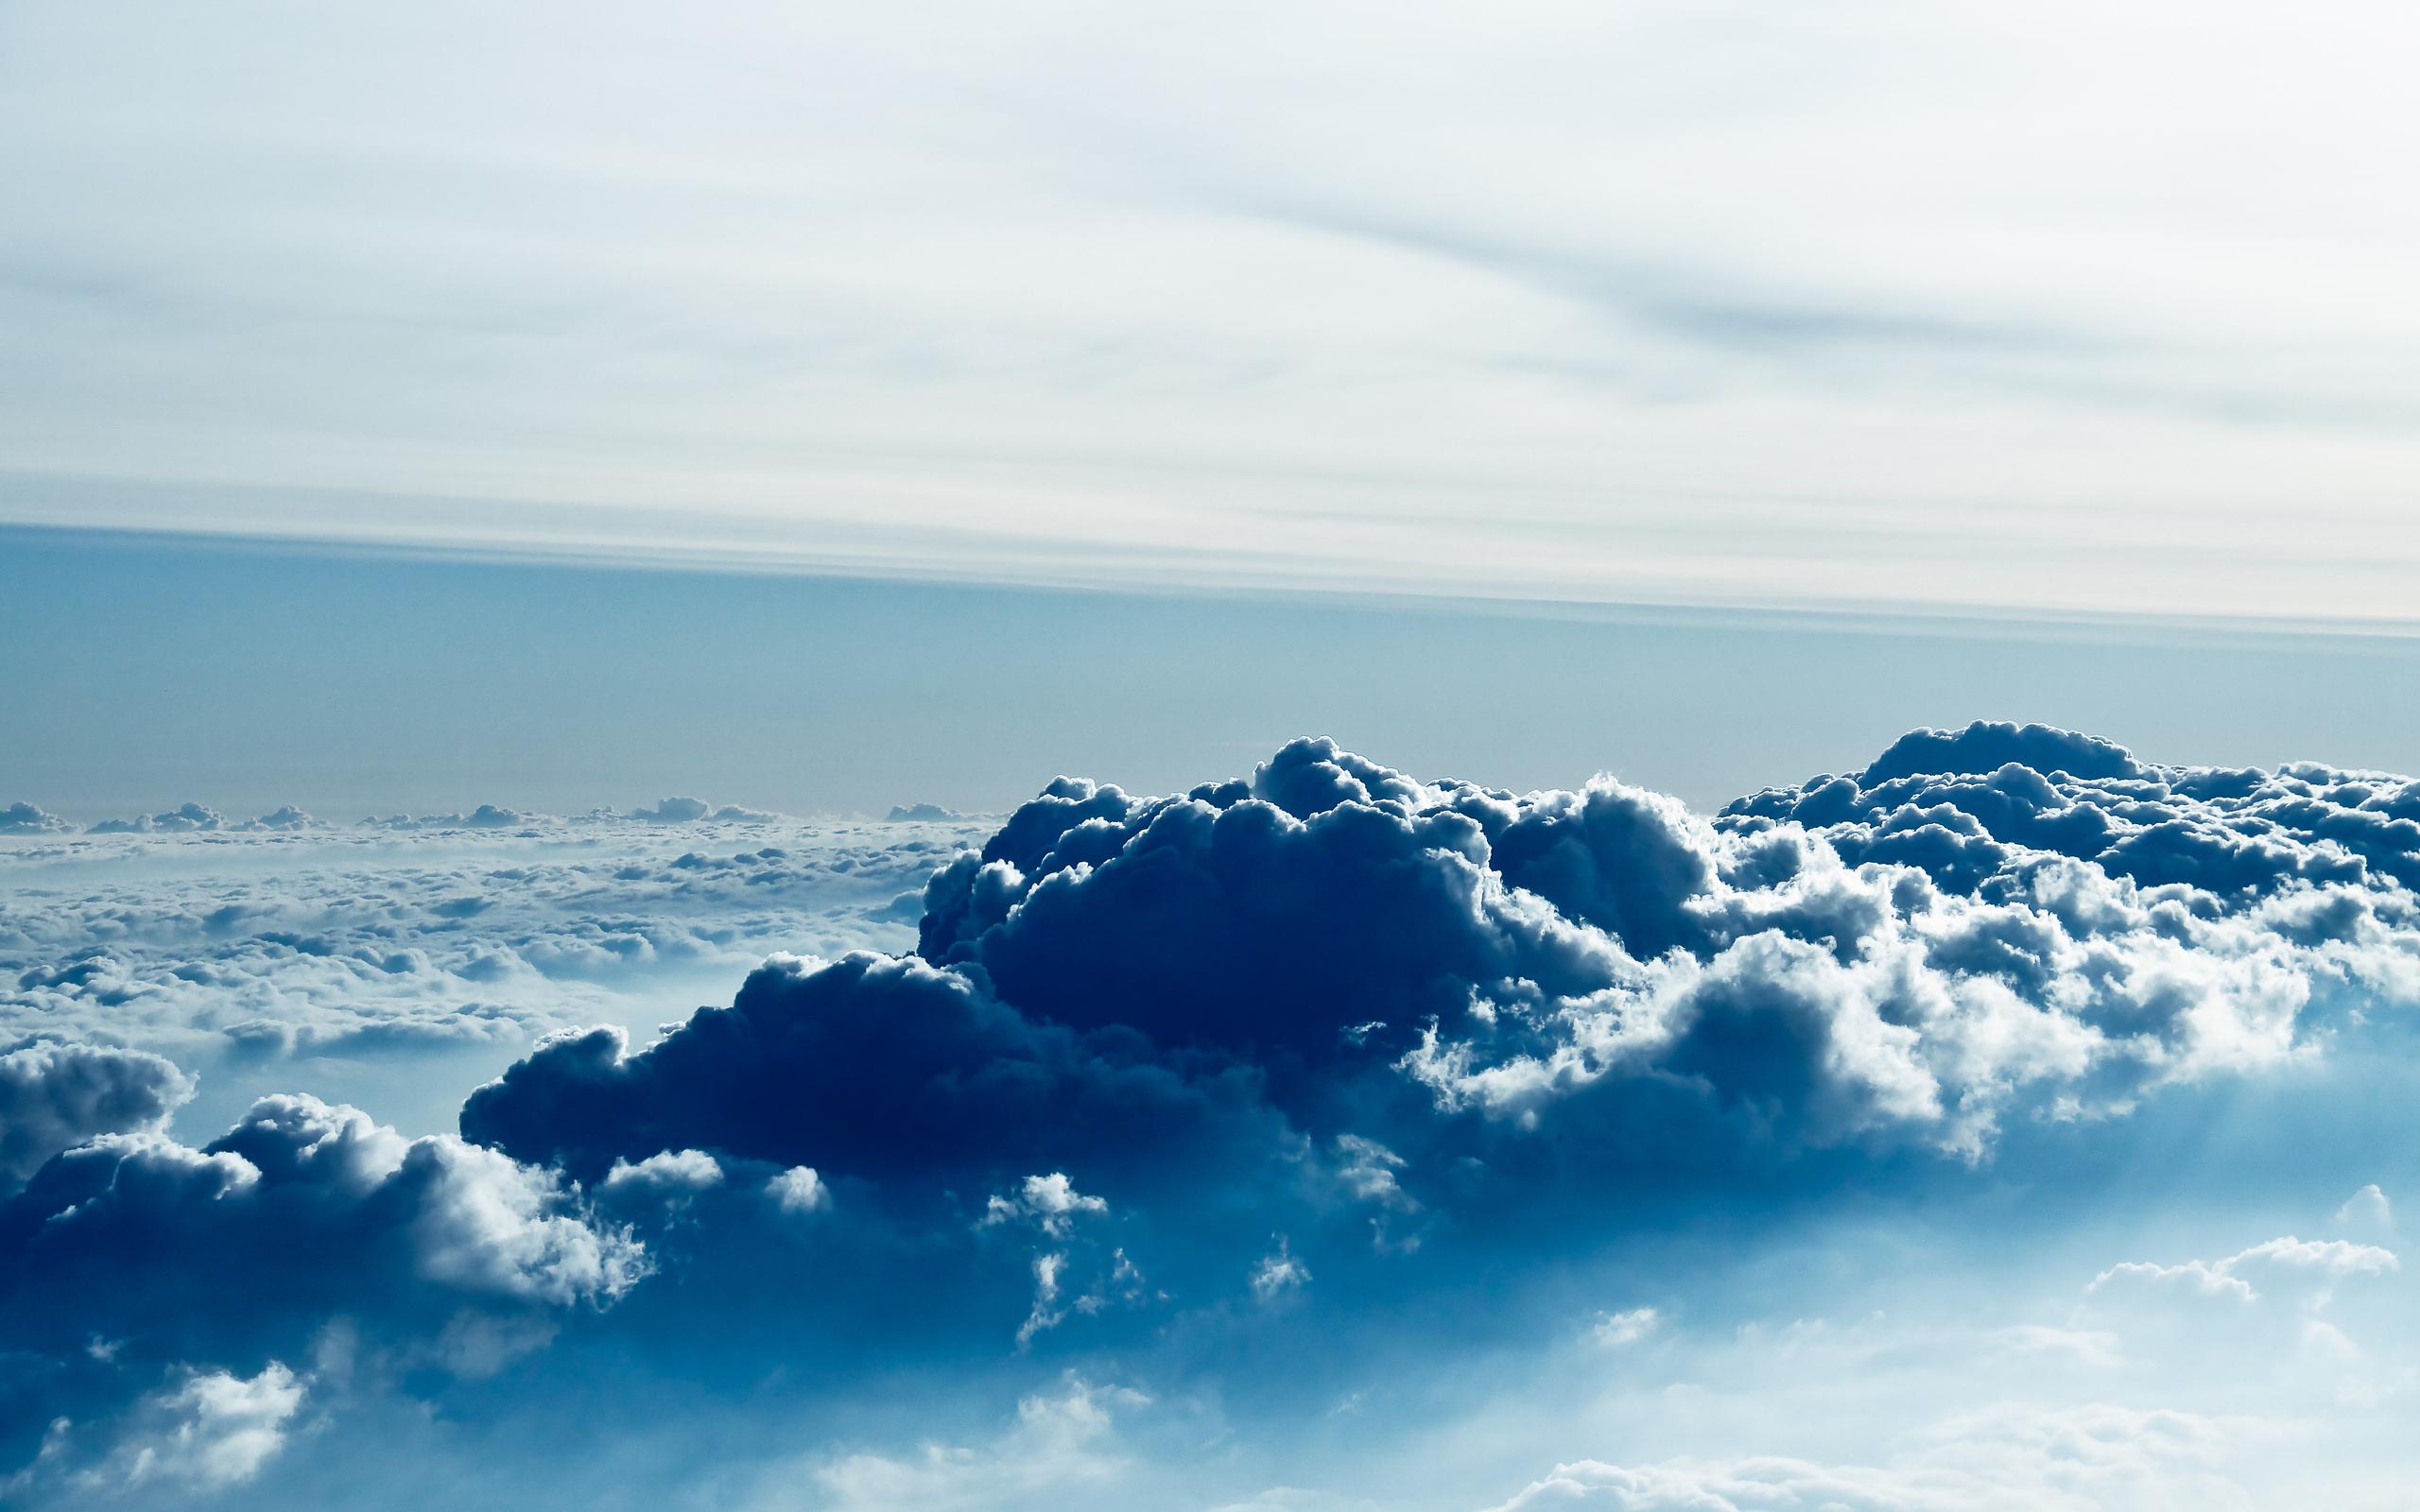 White Clouds In The Sky 4k Hd Desktop Wallpaper For 4k: Cloud Blue Wallpaper - HD Desktop Wallpapers